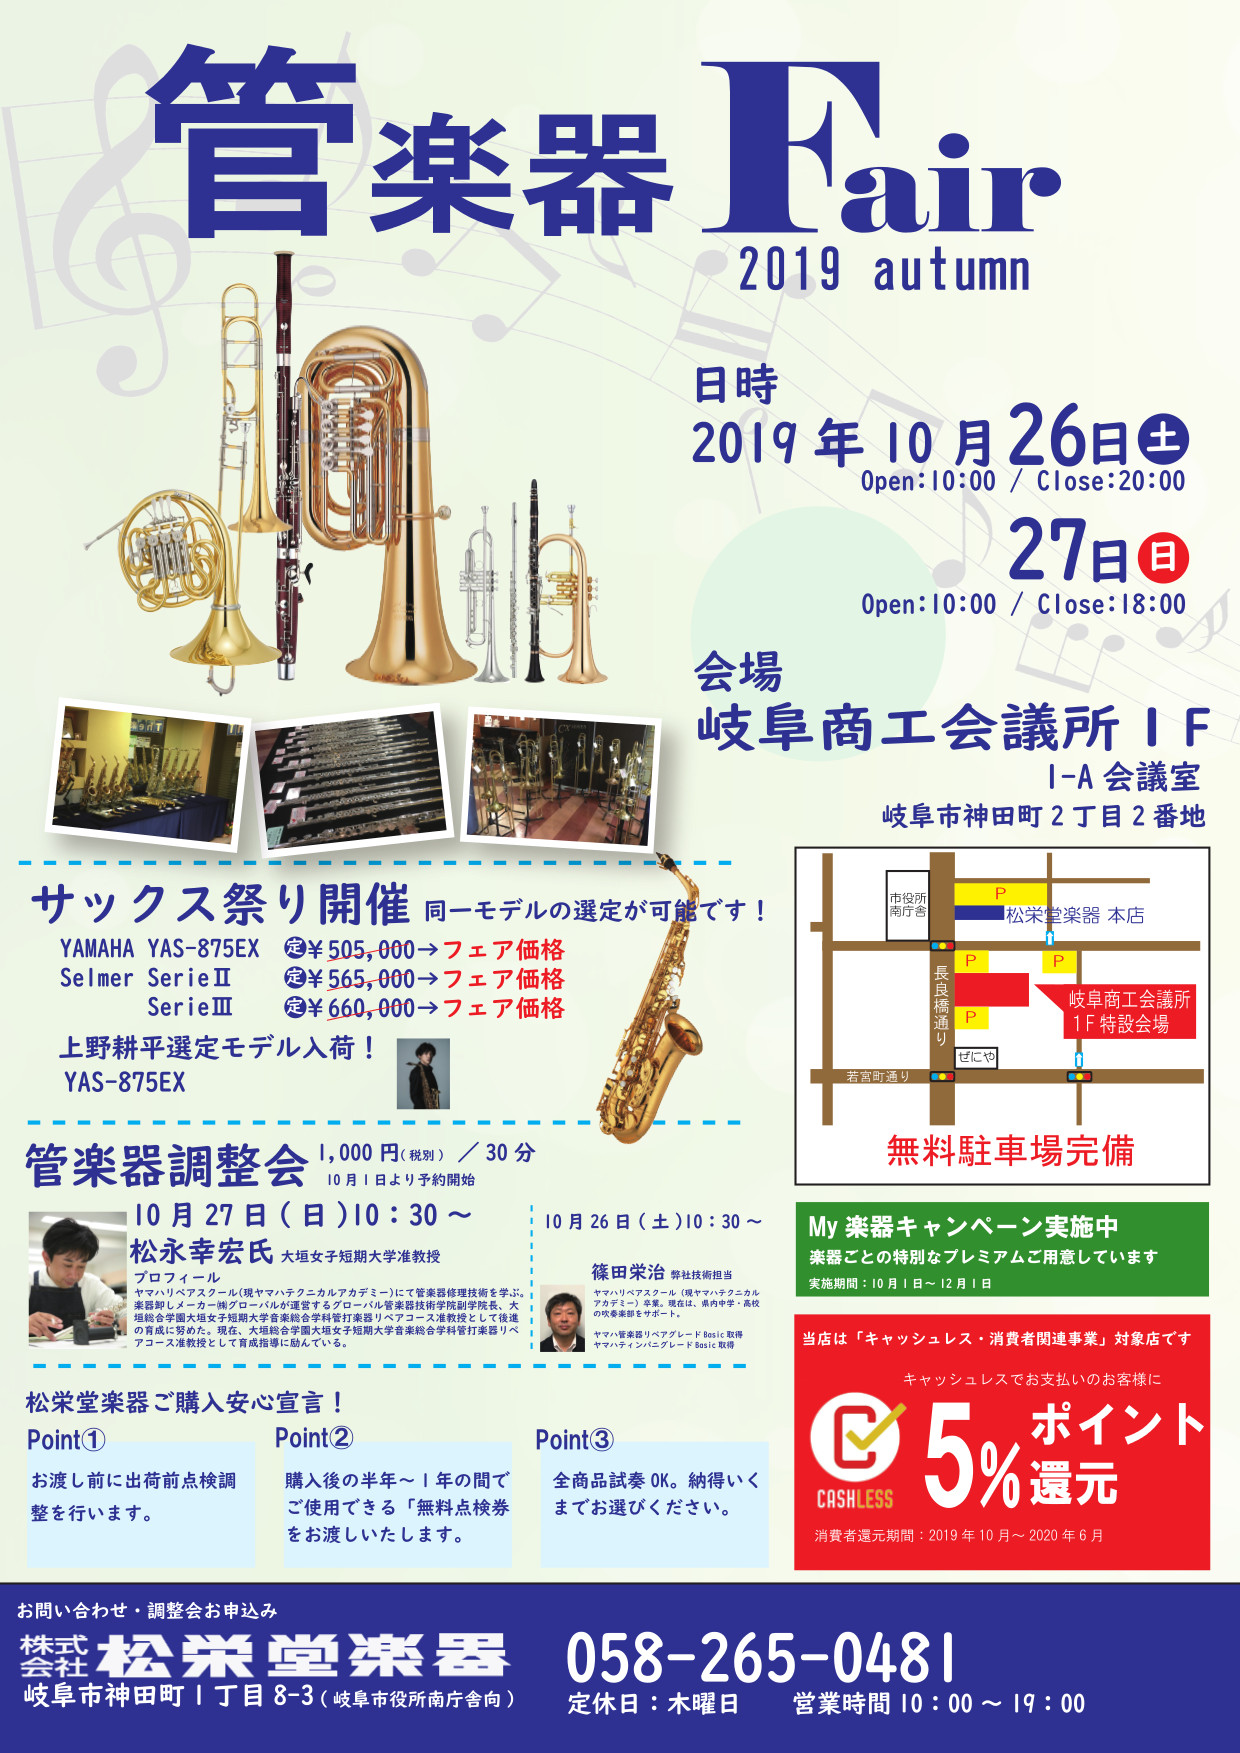 2019秋の管楽器フェア